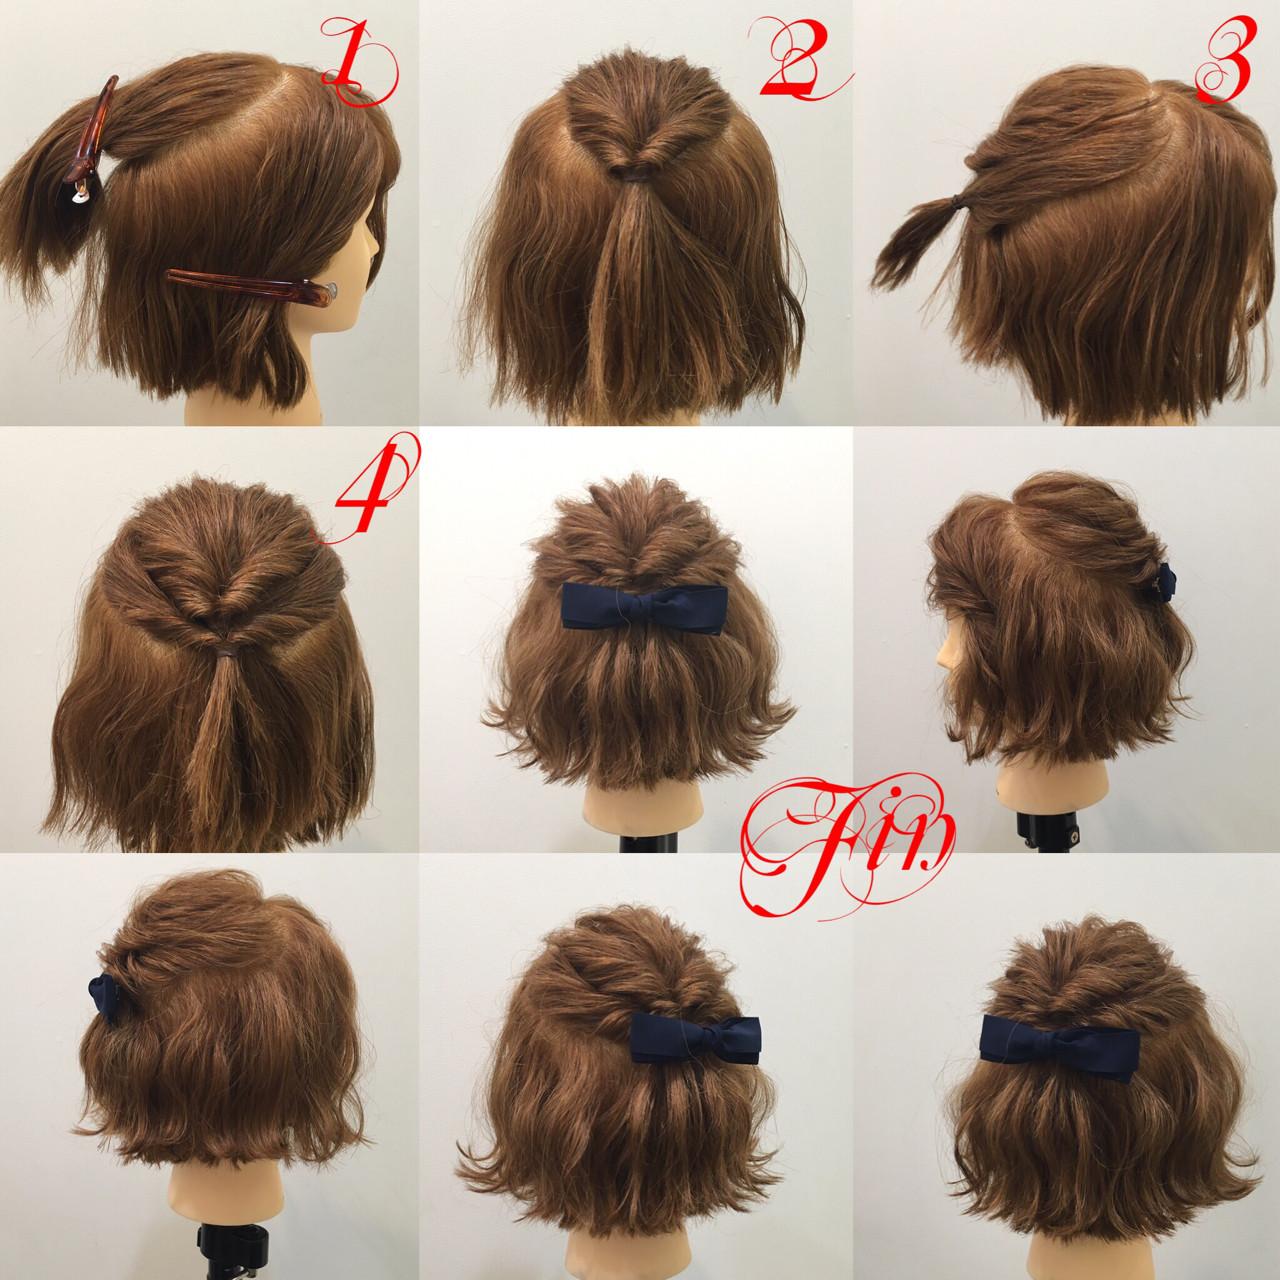 ハーフアップ ボブ 簡単ヘアアレンジ ショートボブ|hair